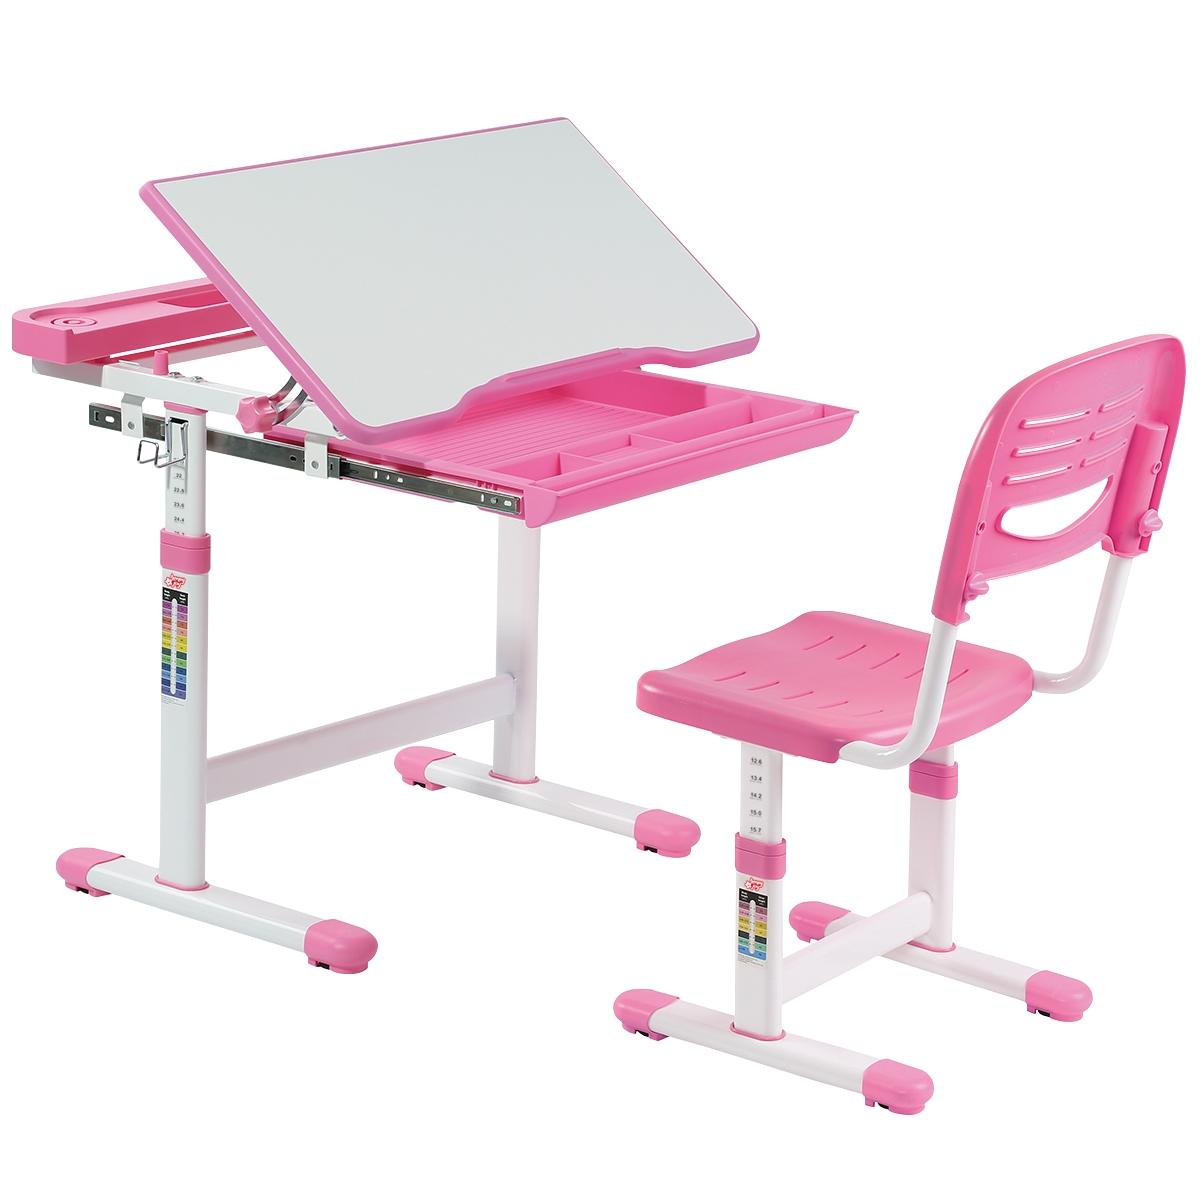 Scrivania per Bambini Piano Inclinabile Regolabile per Bambini per Scrivere Tavolo Orientabile di 45 /° Leggere Rosa Disegnare EBTOOLS Scrivania per Bambini Tavolo